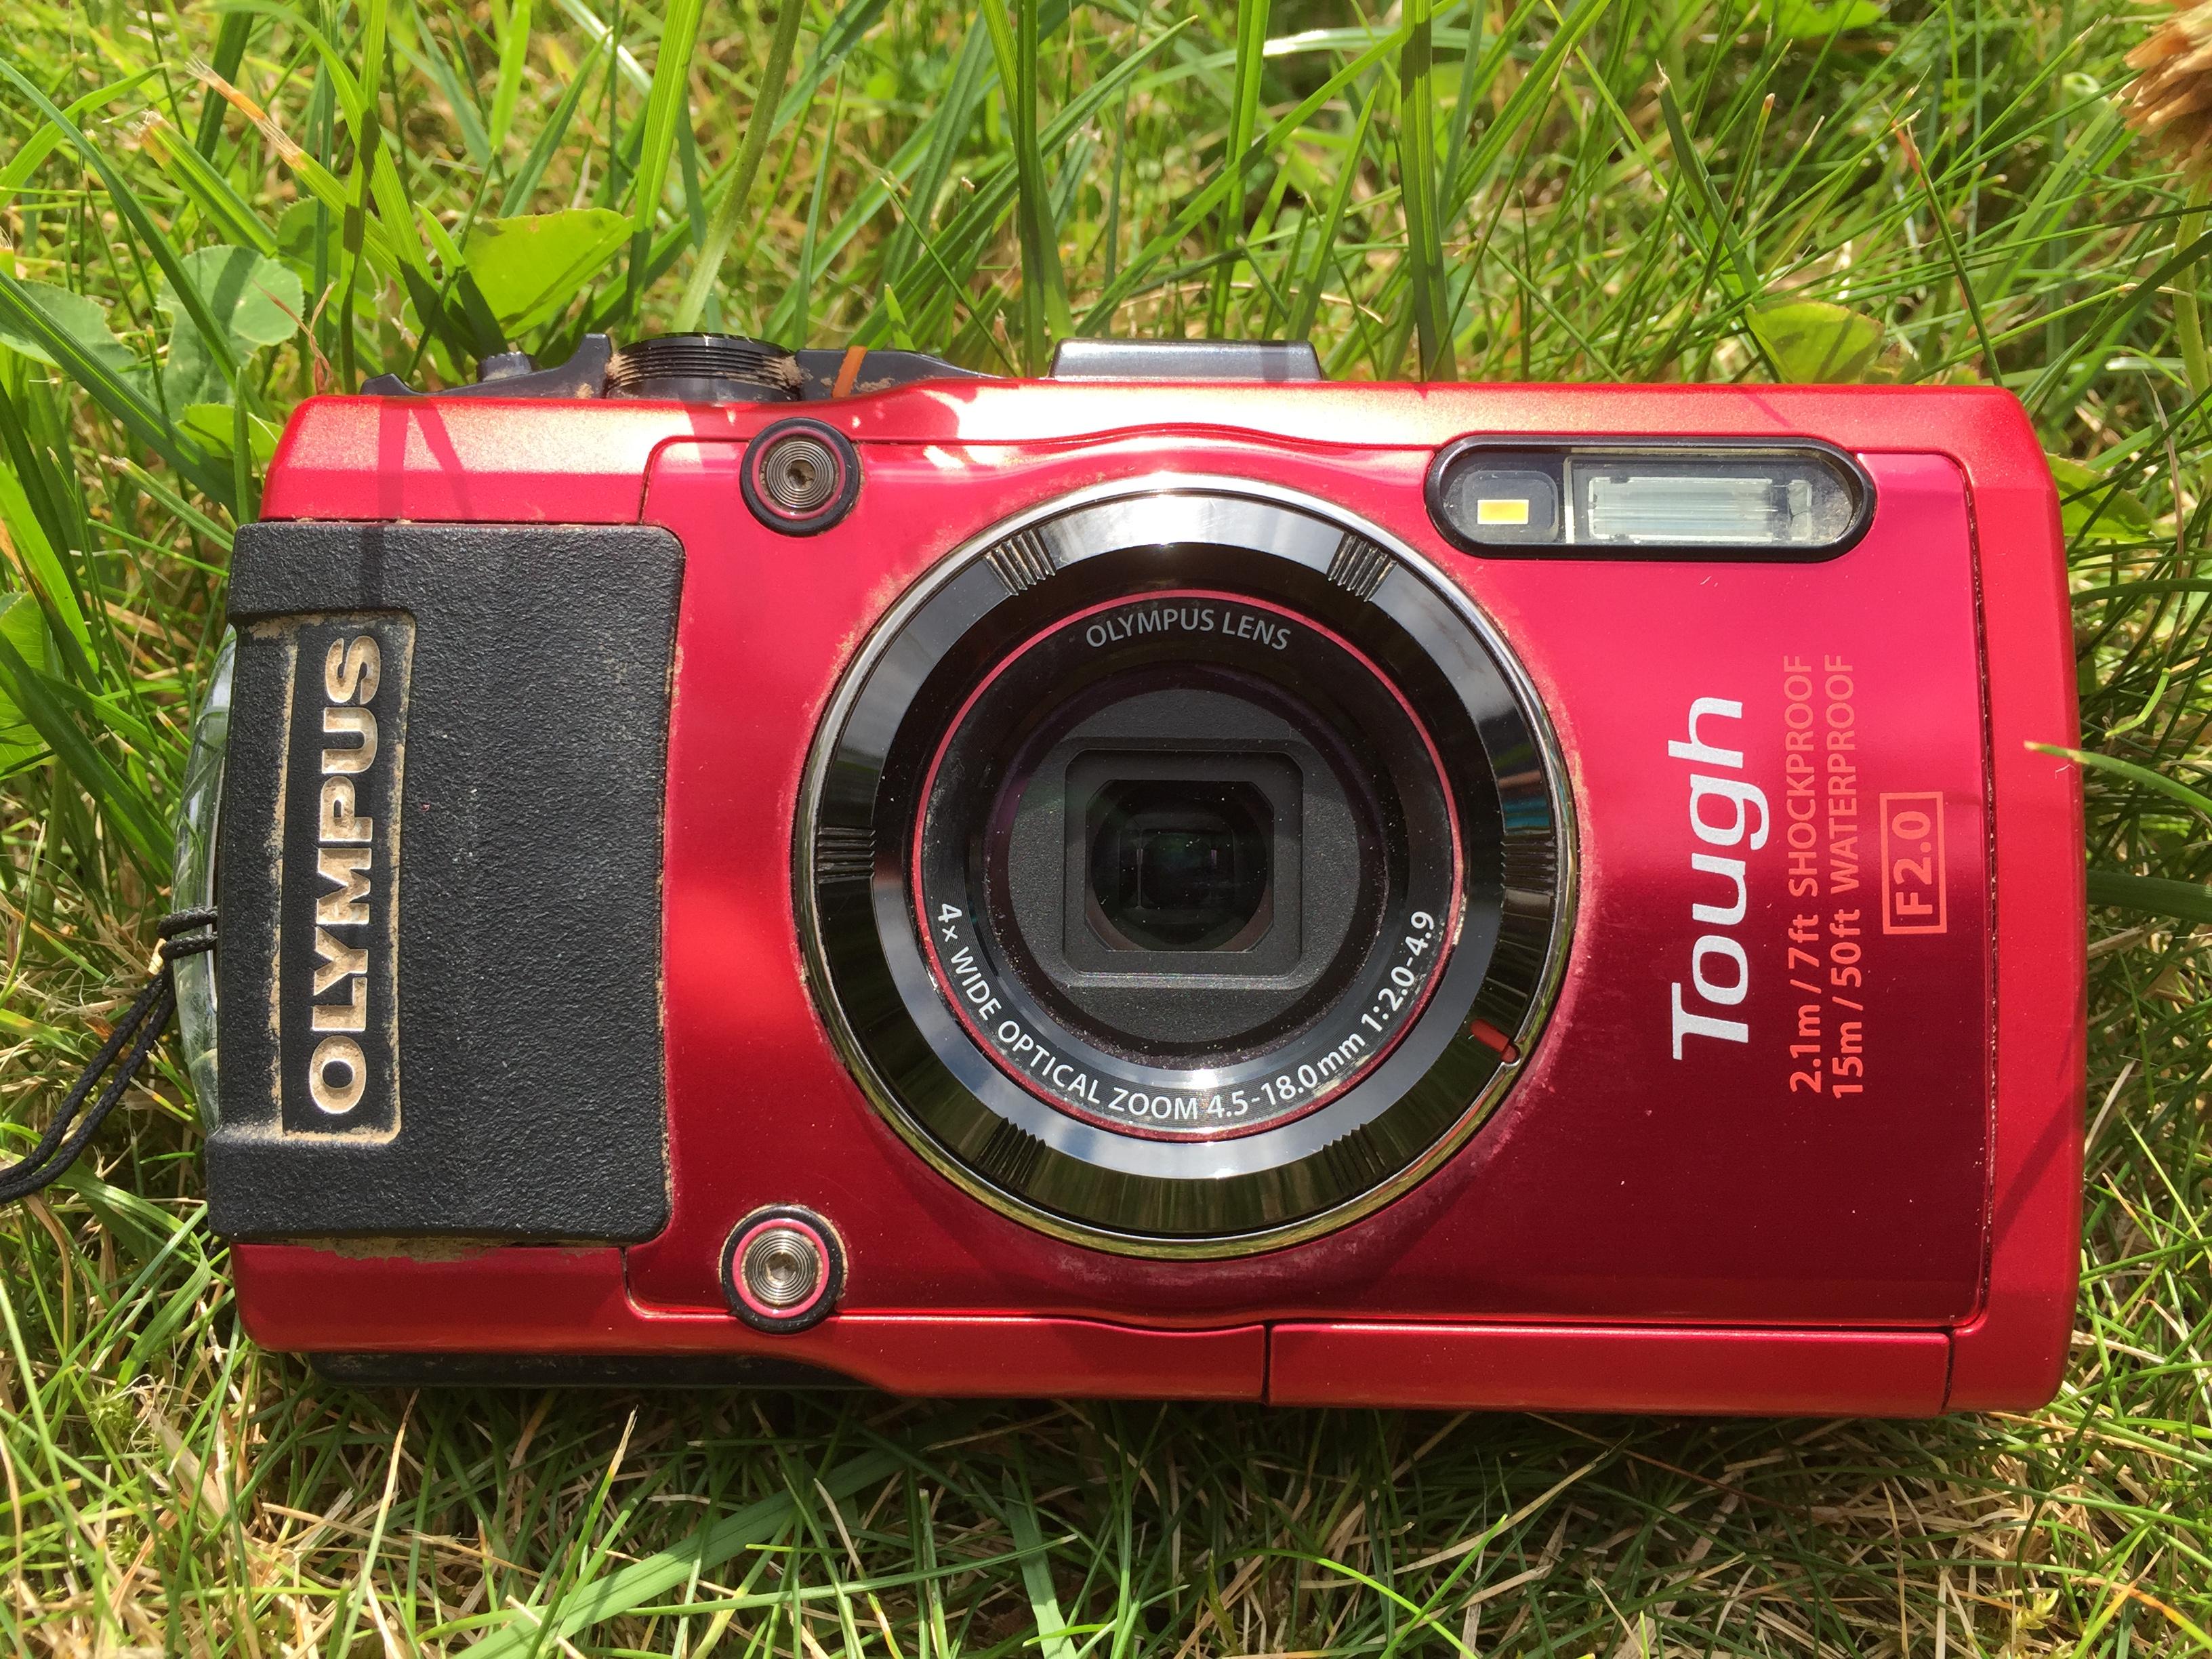 Kamera Olympus Tg 620 beim tough mudder nrw schien joey auf abwegen